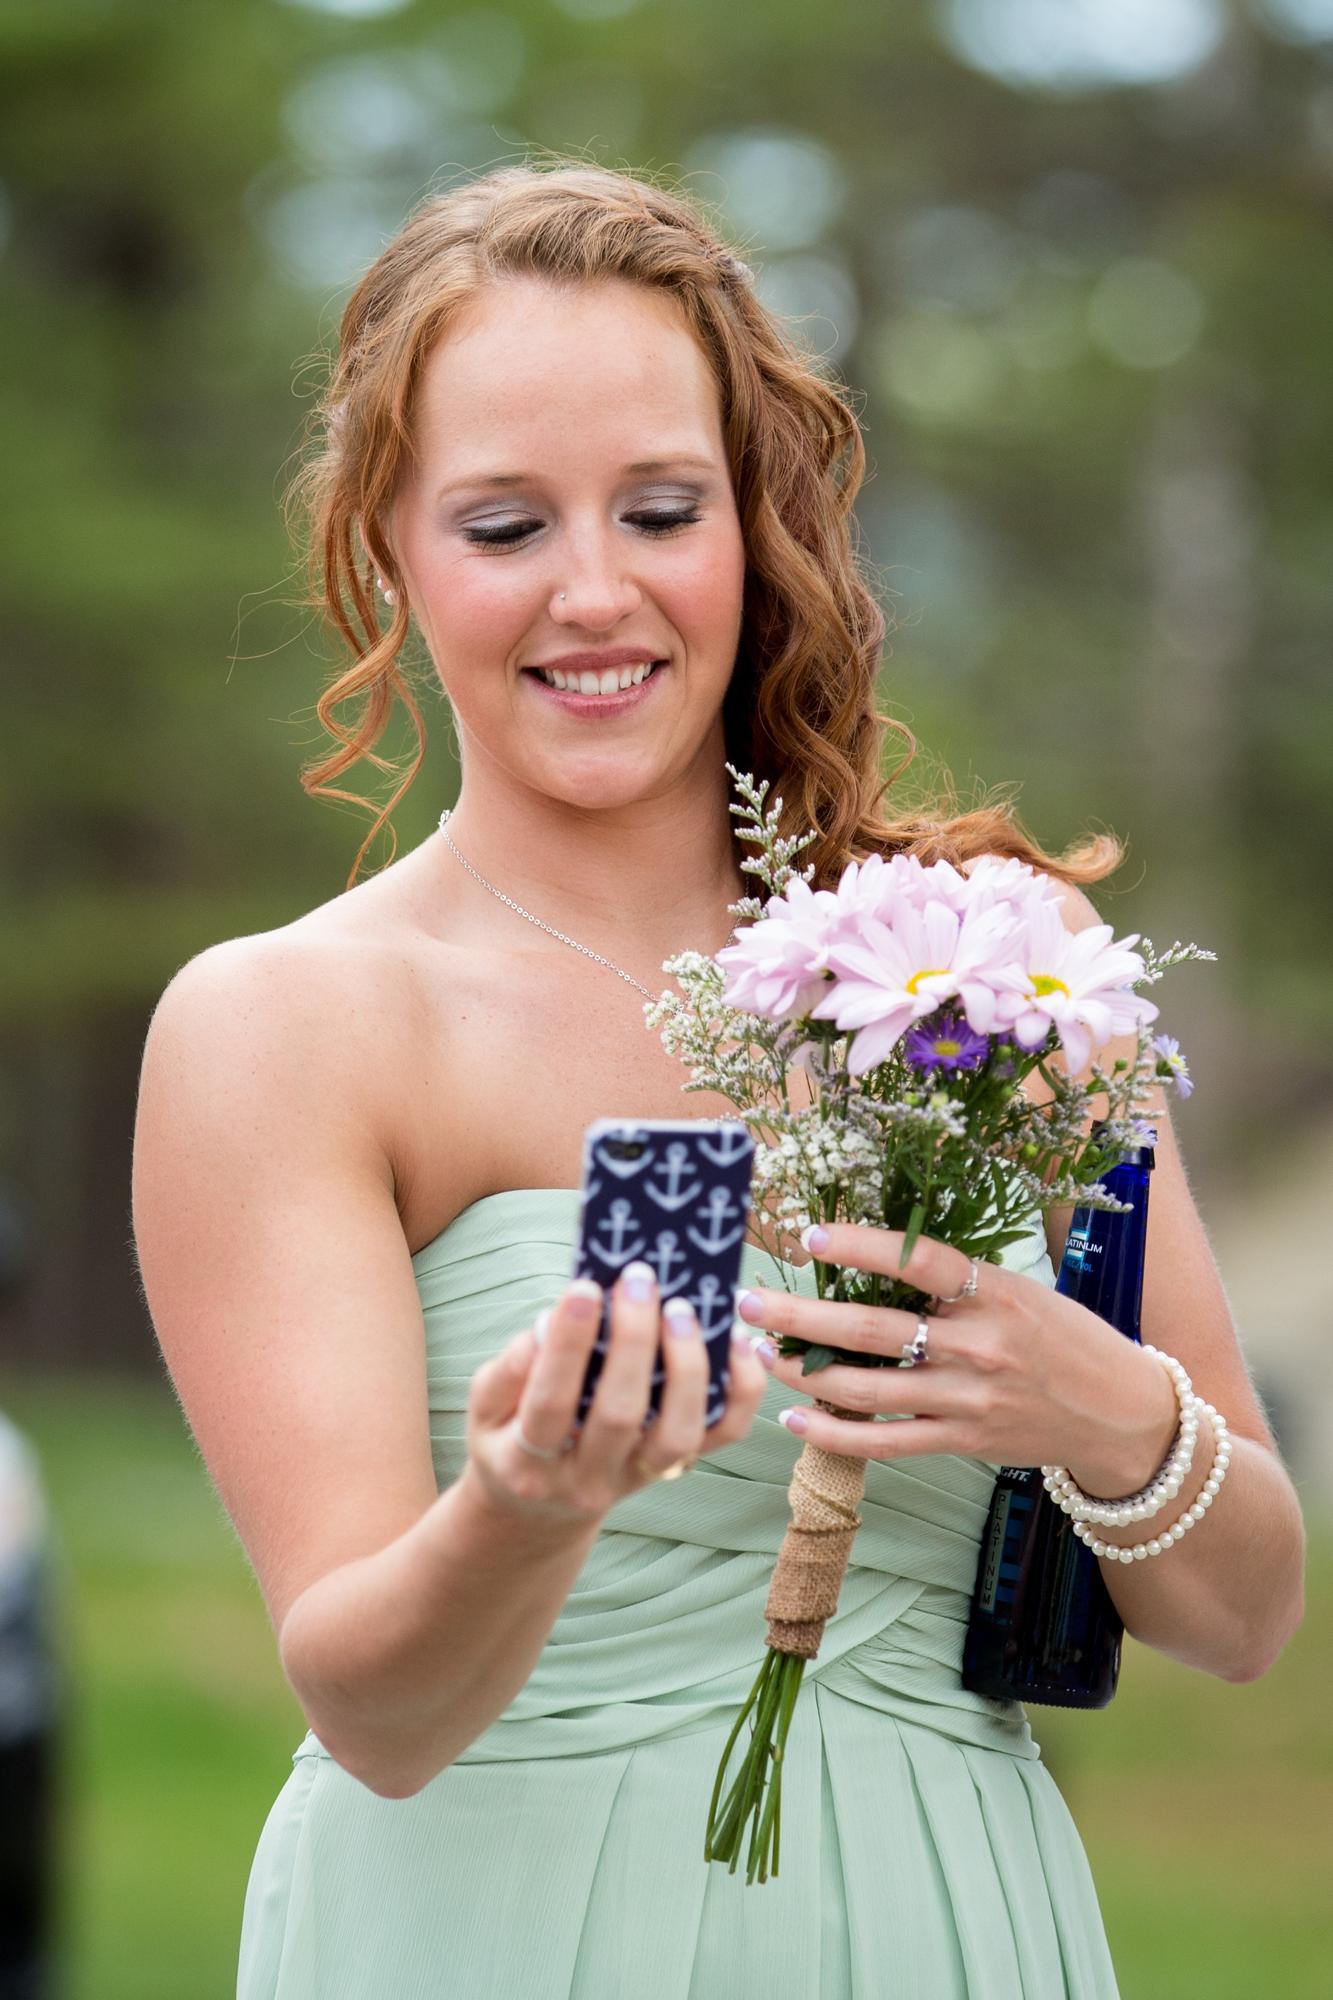 Albany NY Wedding Photographer Justin Tibbitts Photography 2014 Best of Albany NY Weddings-47159103